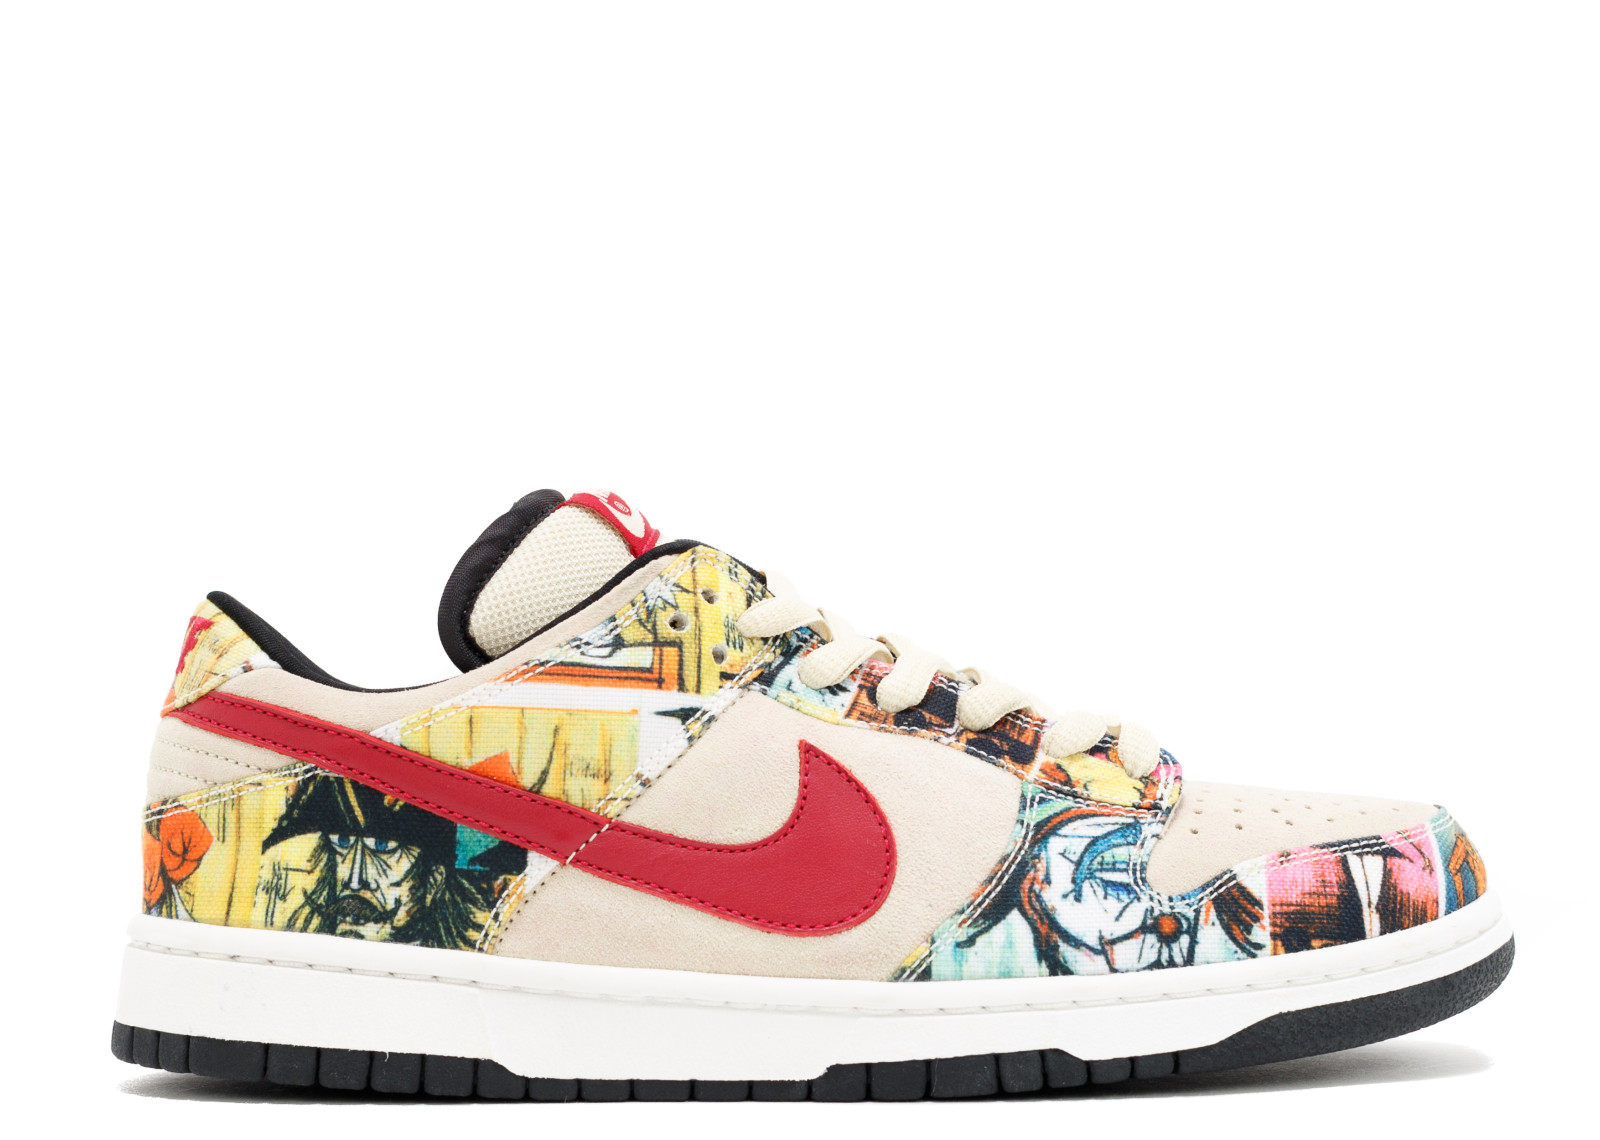 Nike Dunk SB